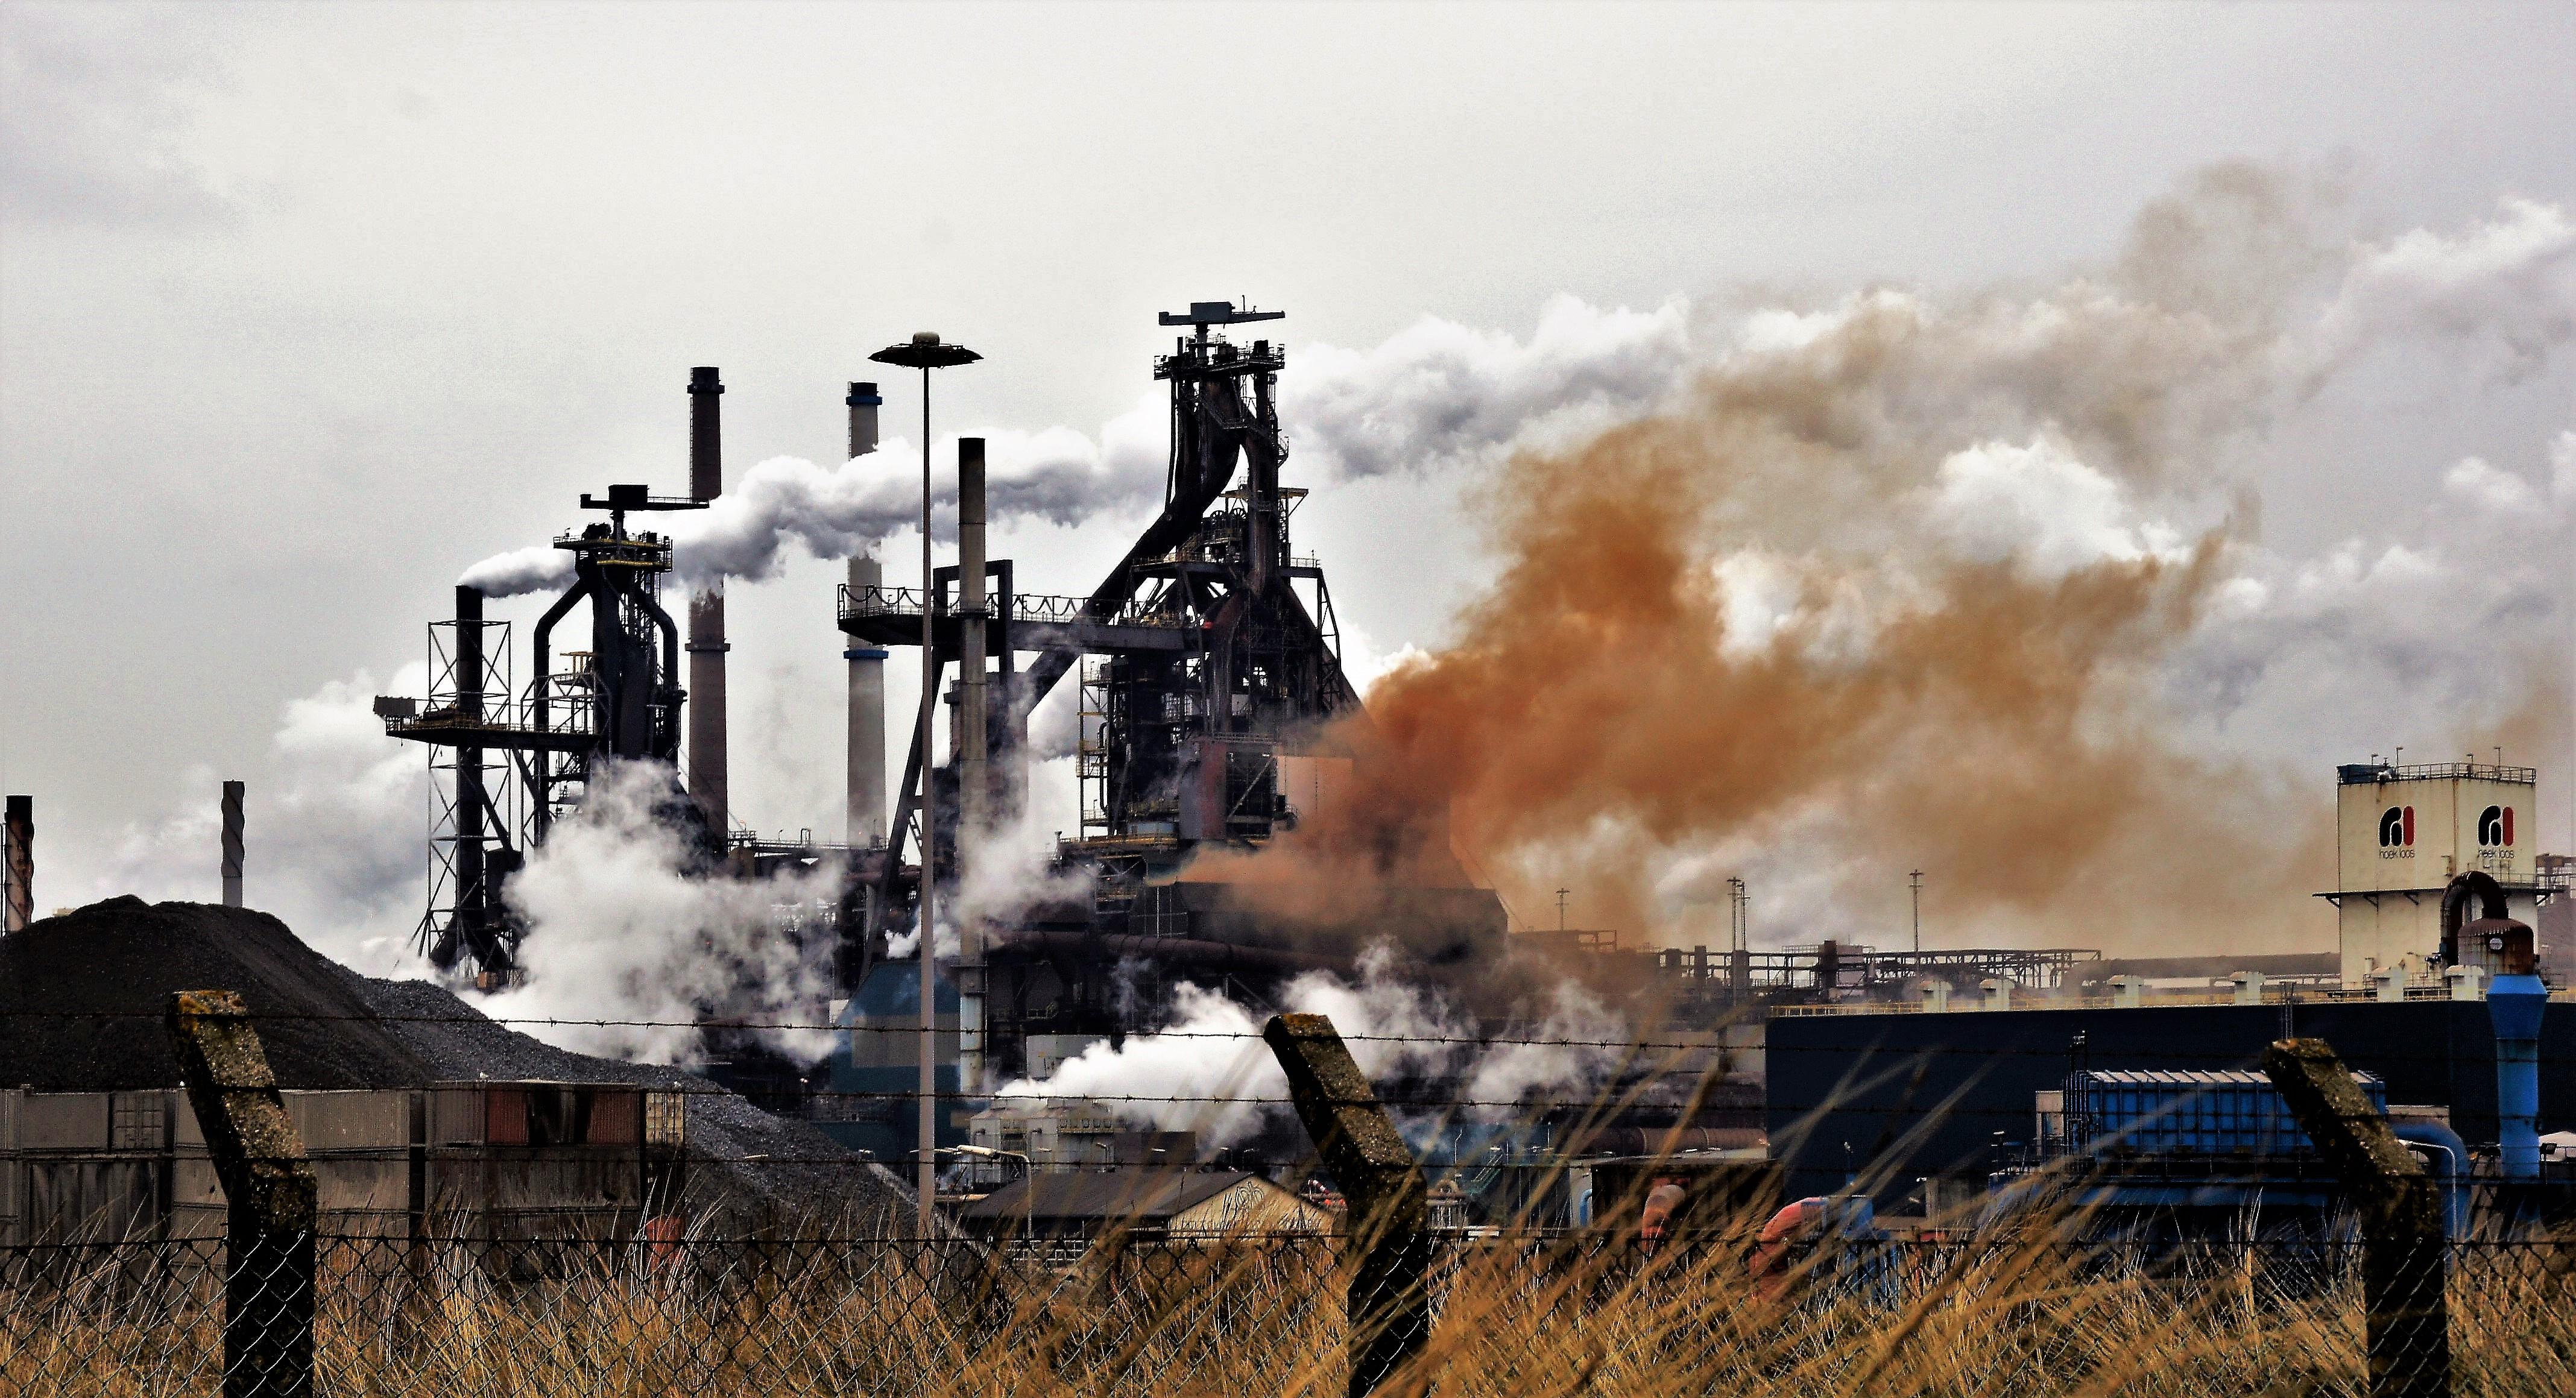 Weerbericht Wijk aan Zee: stofwolken en een enkele grafietbui